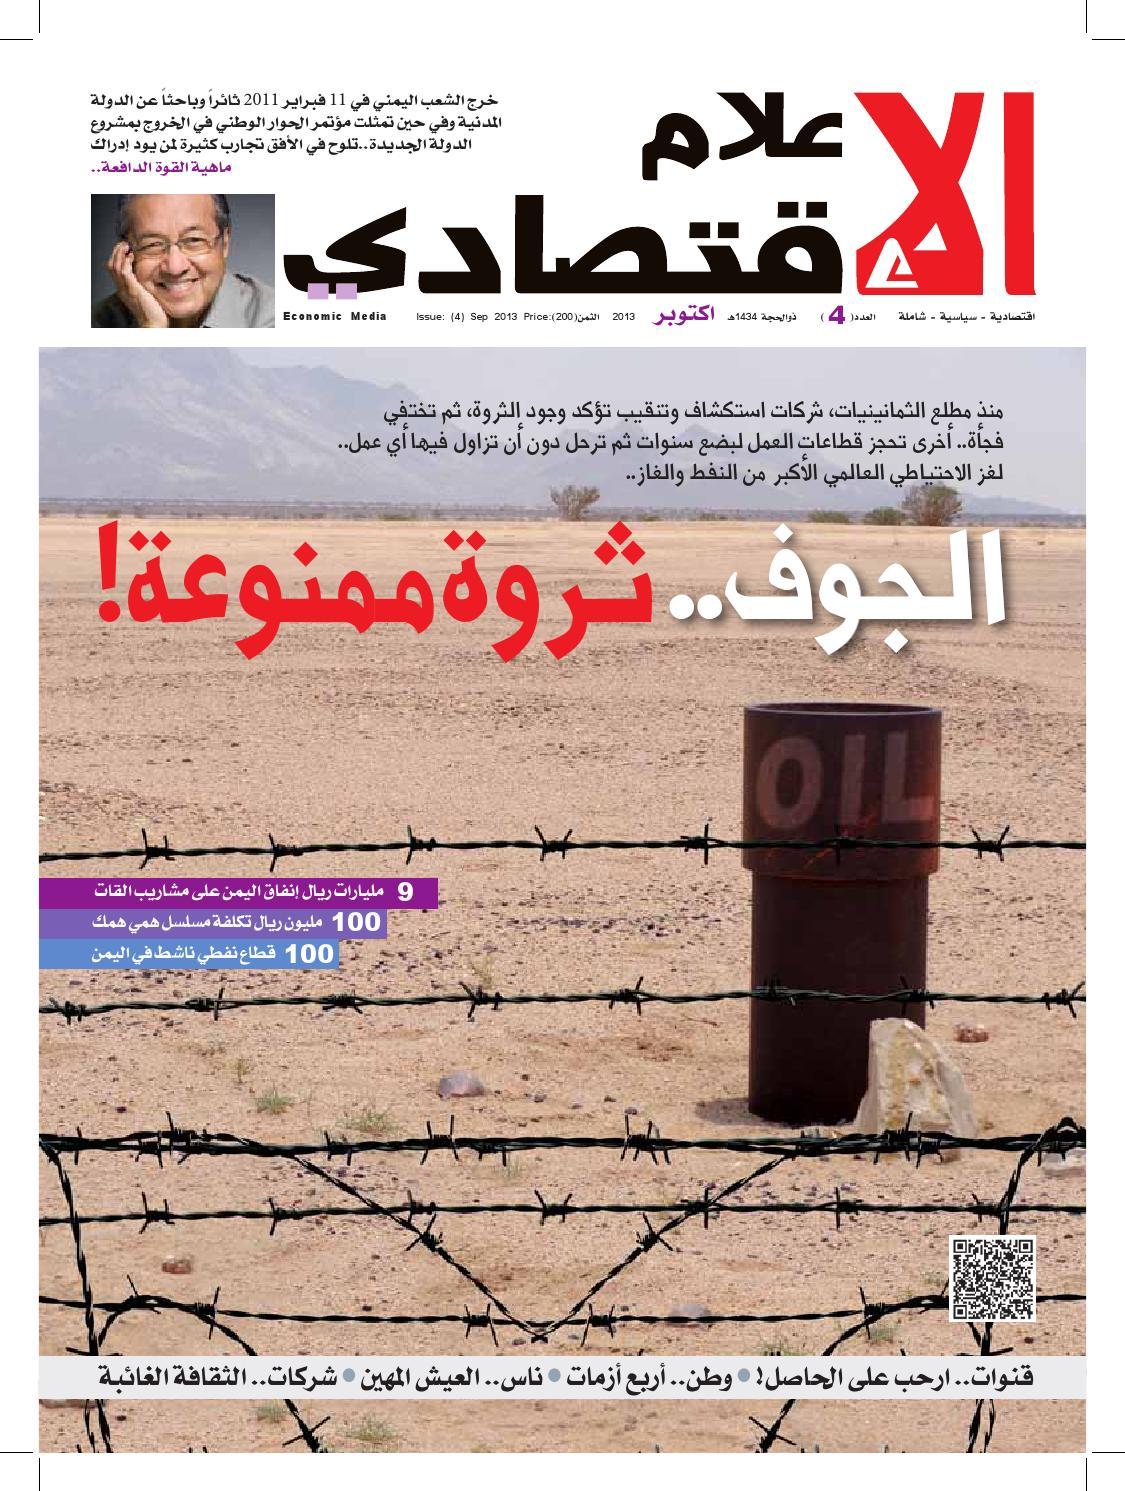 f053aeb3941e5 العدد الرابع من مجلة الإعلام الاقتصادي by مجلة الإعلام الاقتصادي - issuu